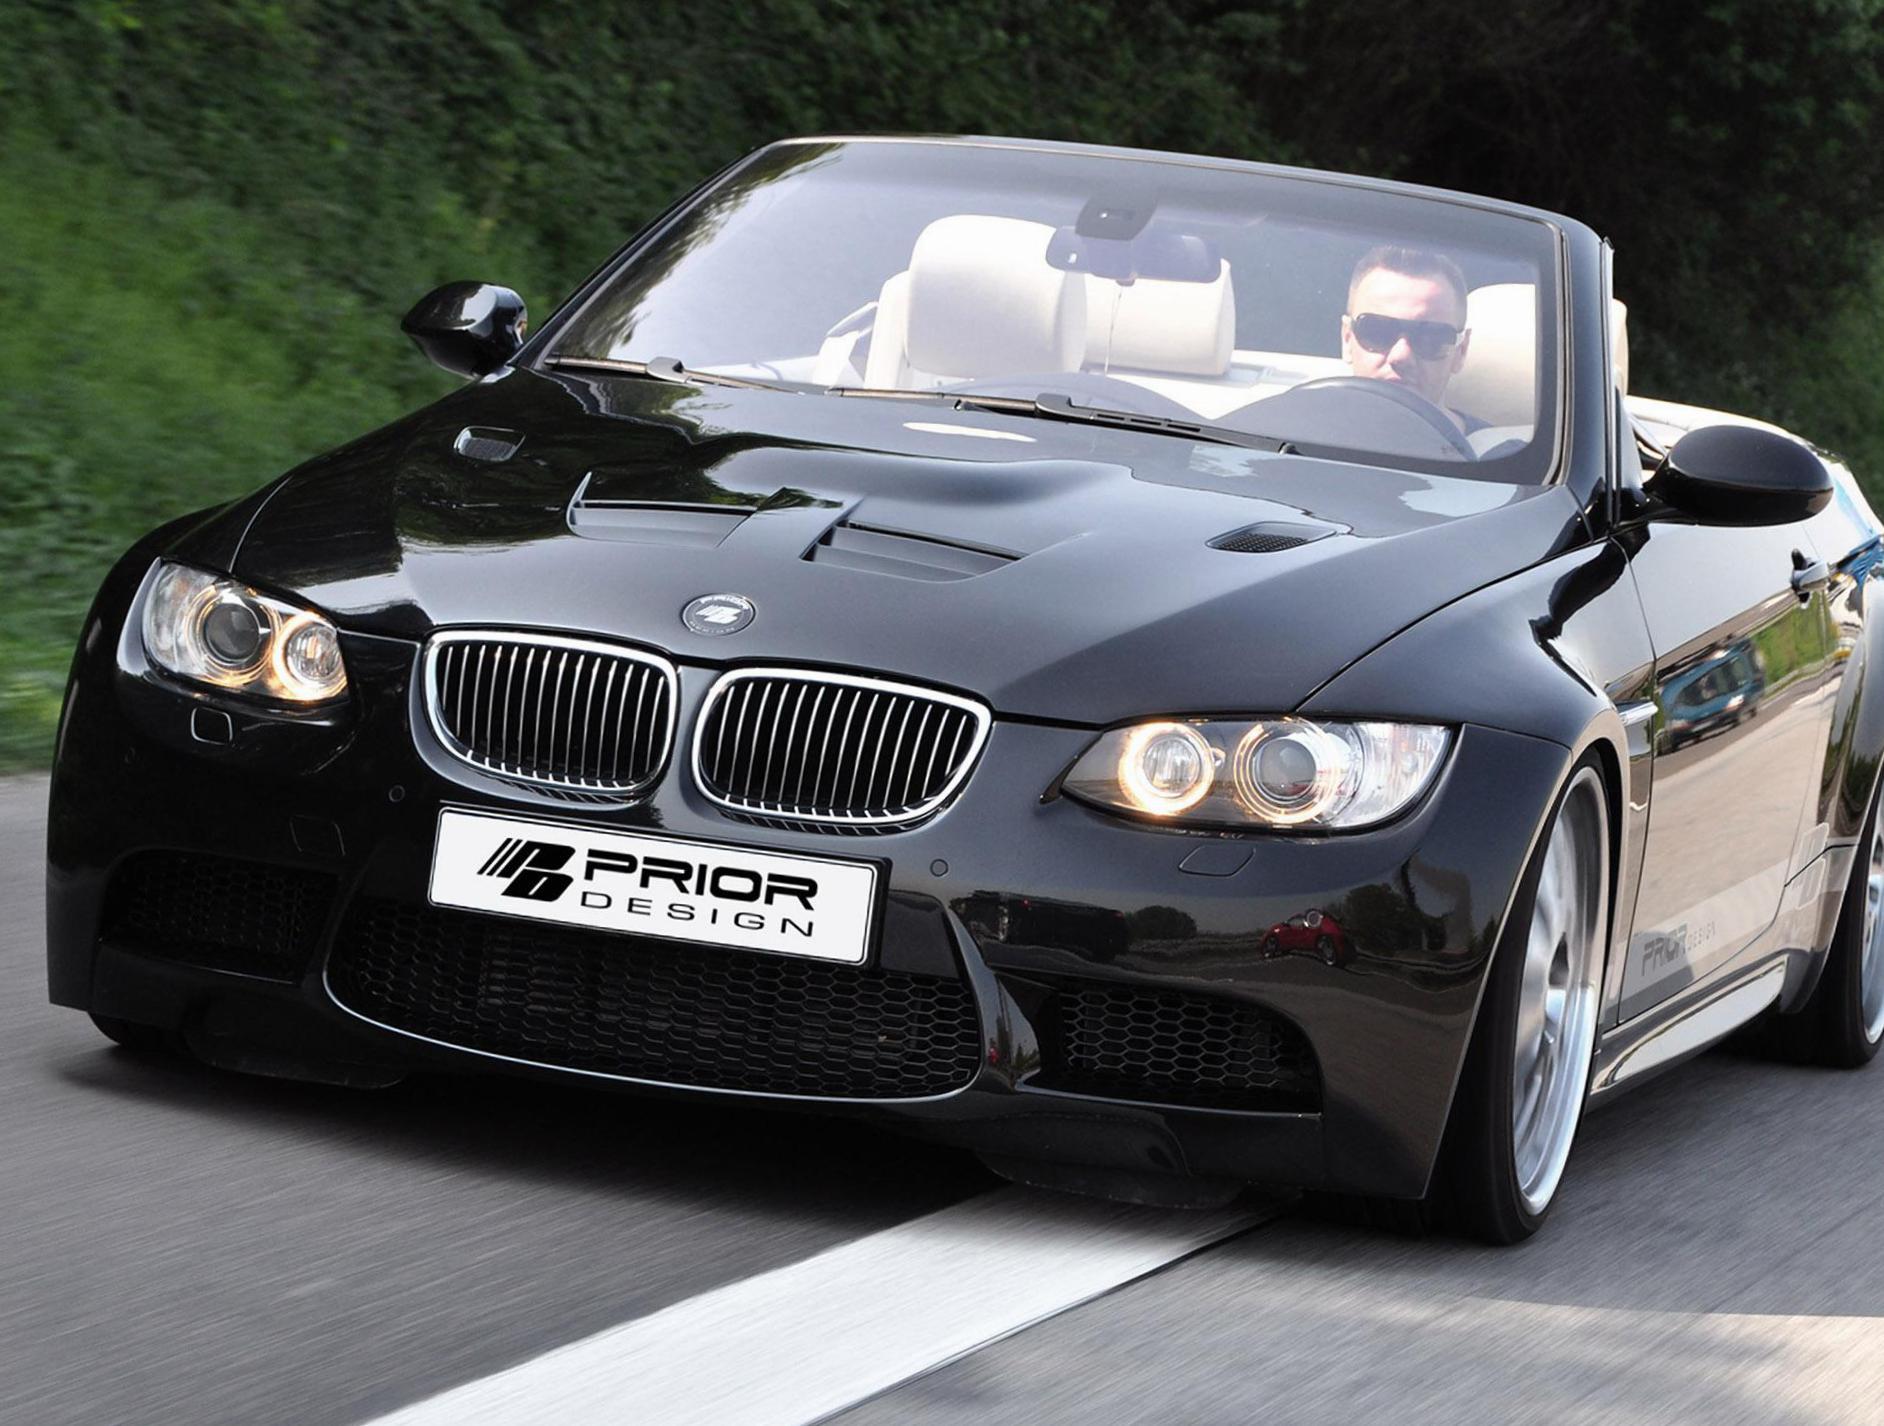 Bmw 3 Series Cabrio E93 Photos And Specs Photo Bmw 3 Series